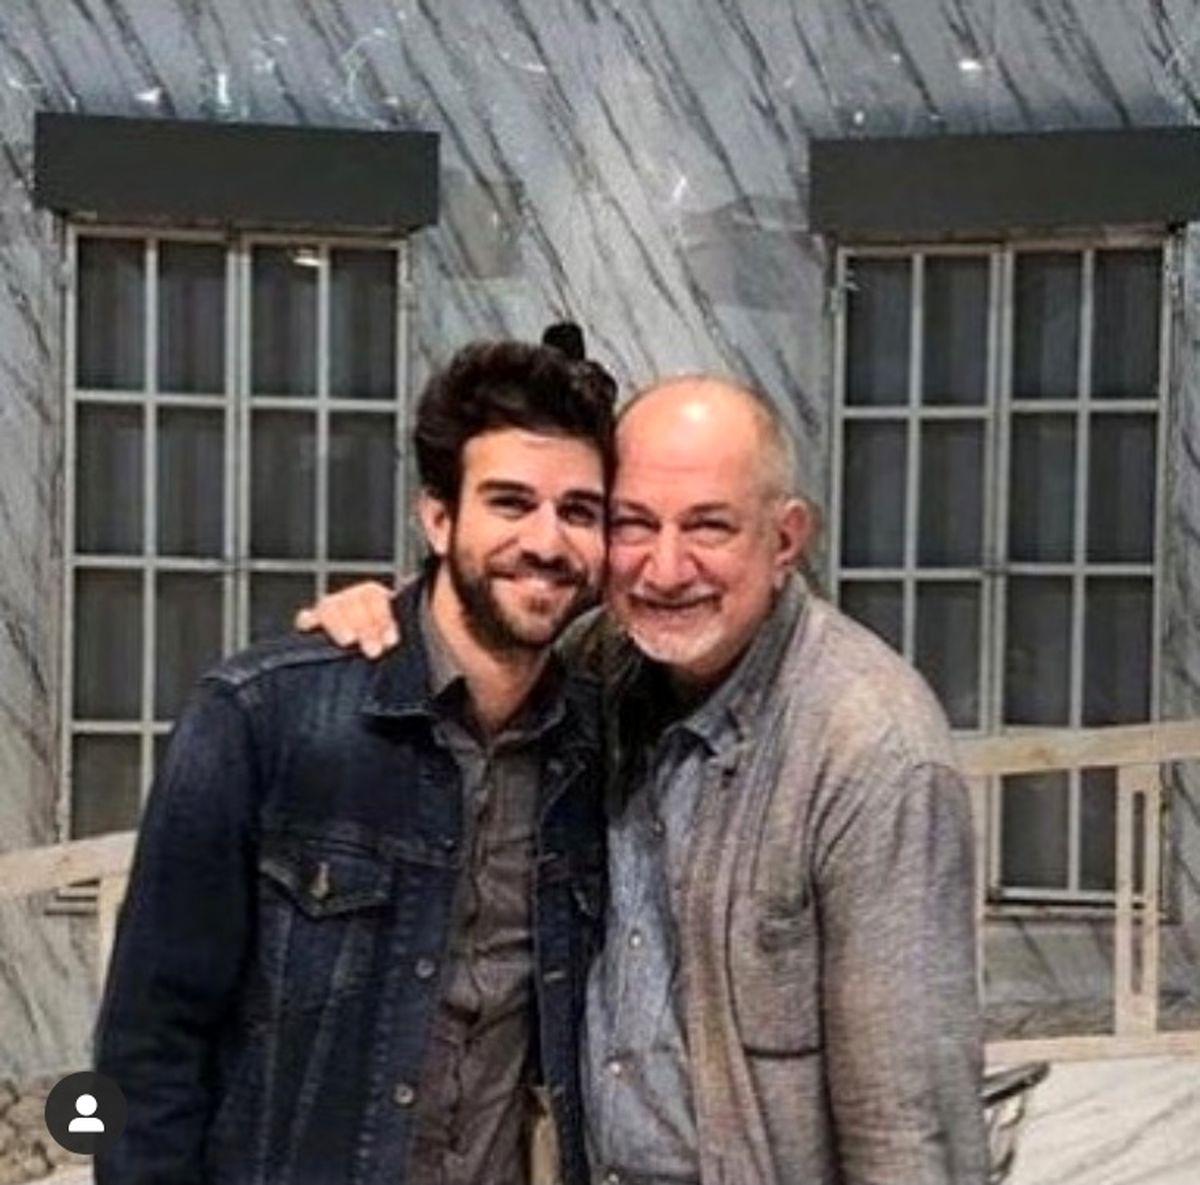 آتیلا پسیانی و پسرش بازیگر سریال مردم معمولی + عکس